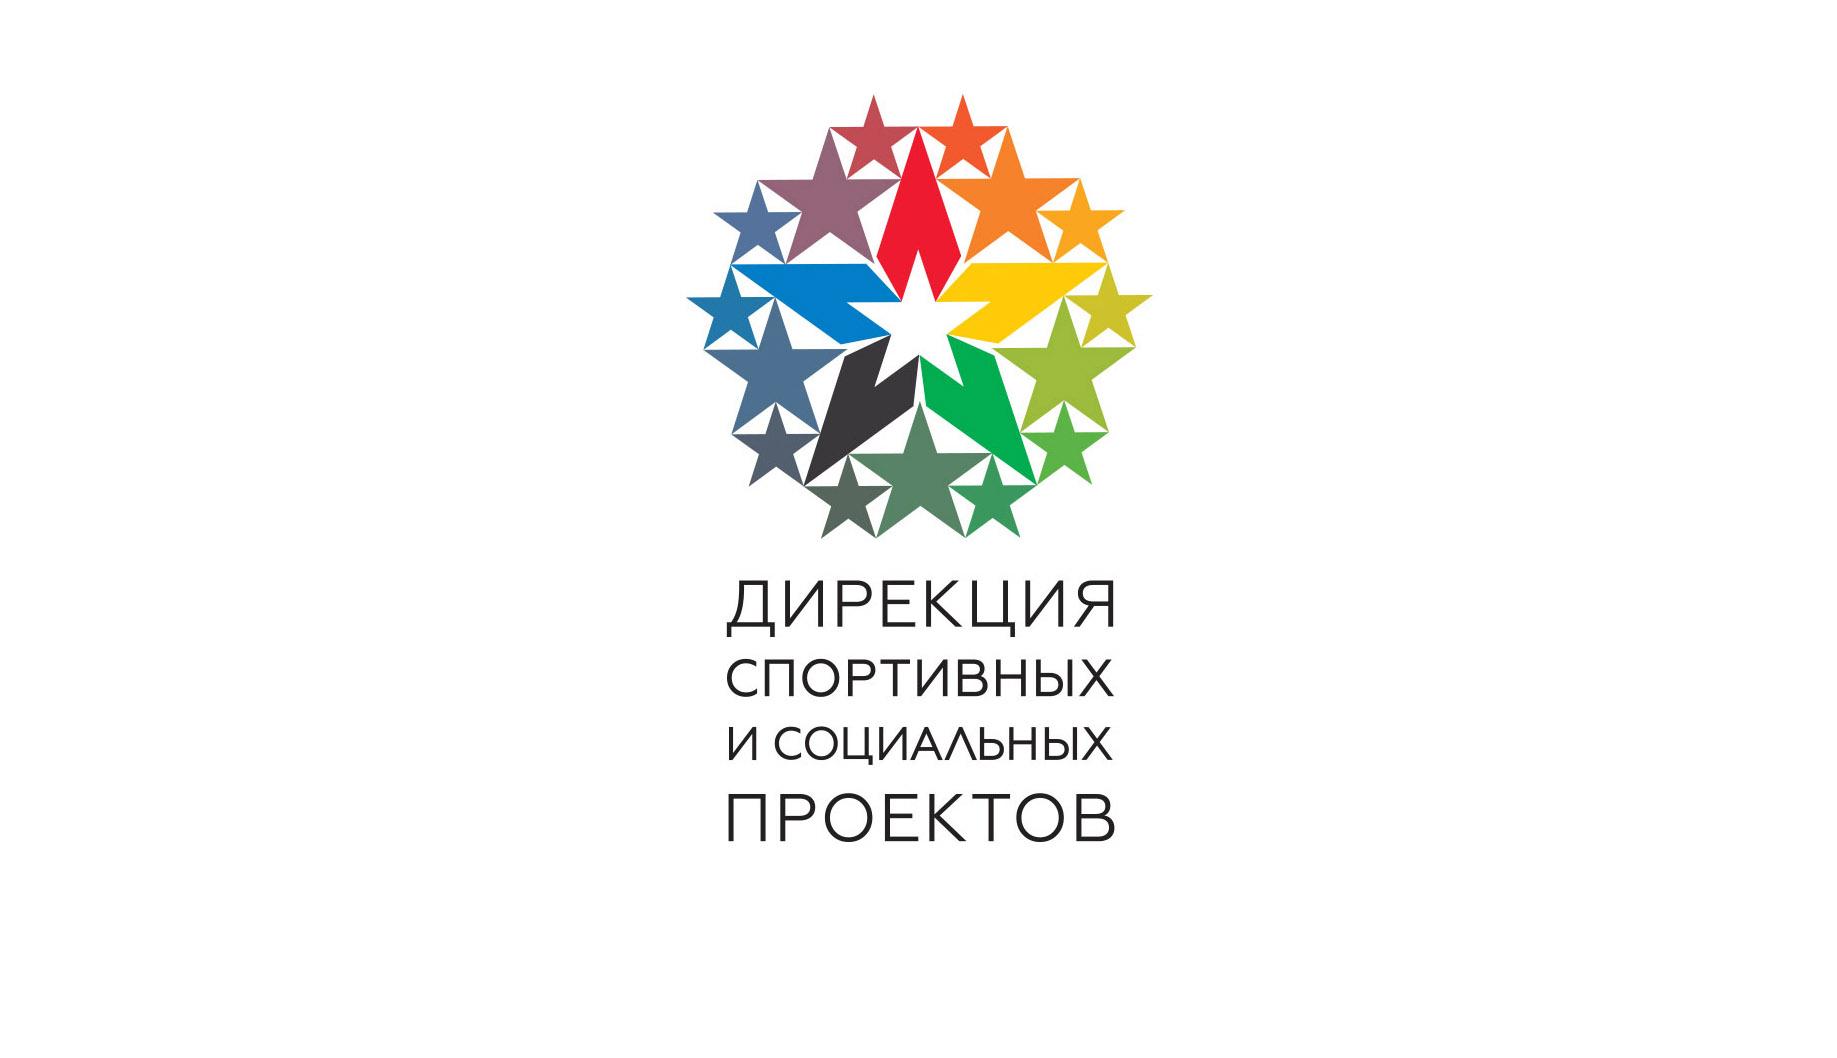 АНО «Дирекция спортивных и социальных проектов» объявляет о запуске лицензионной программы